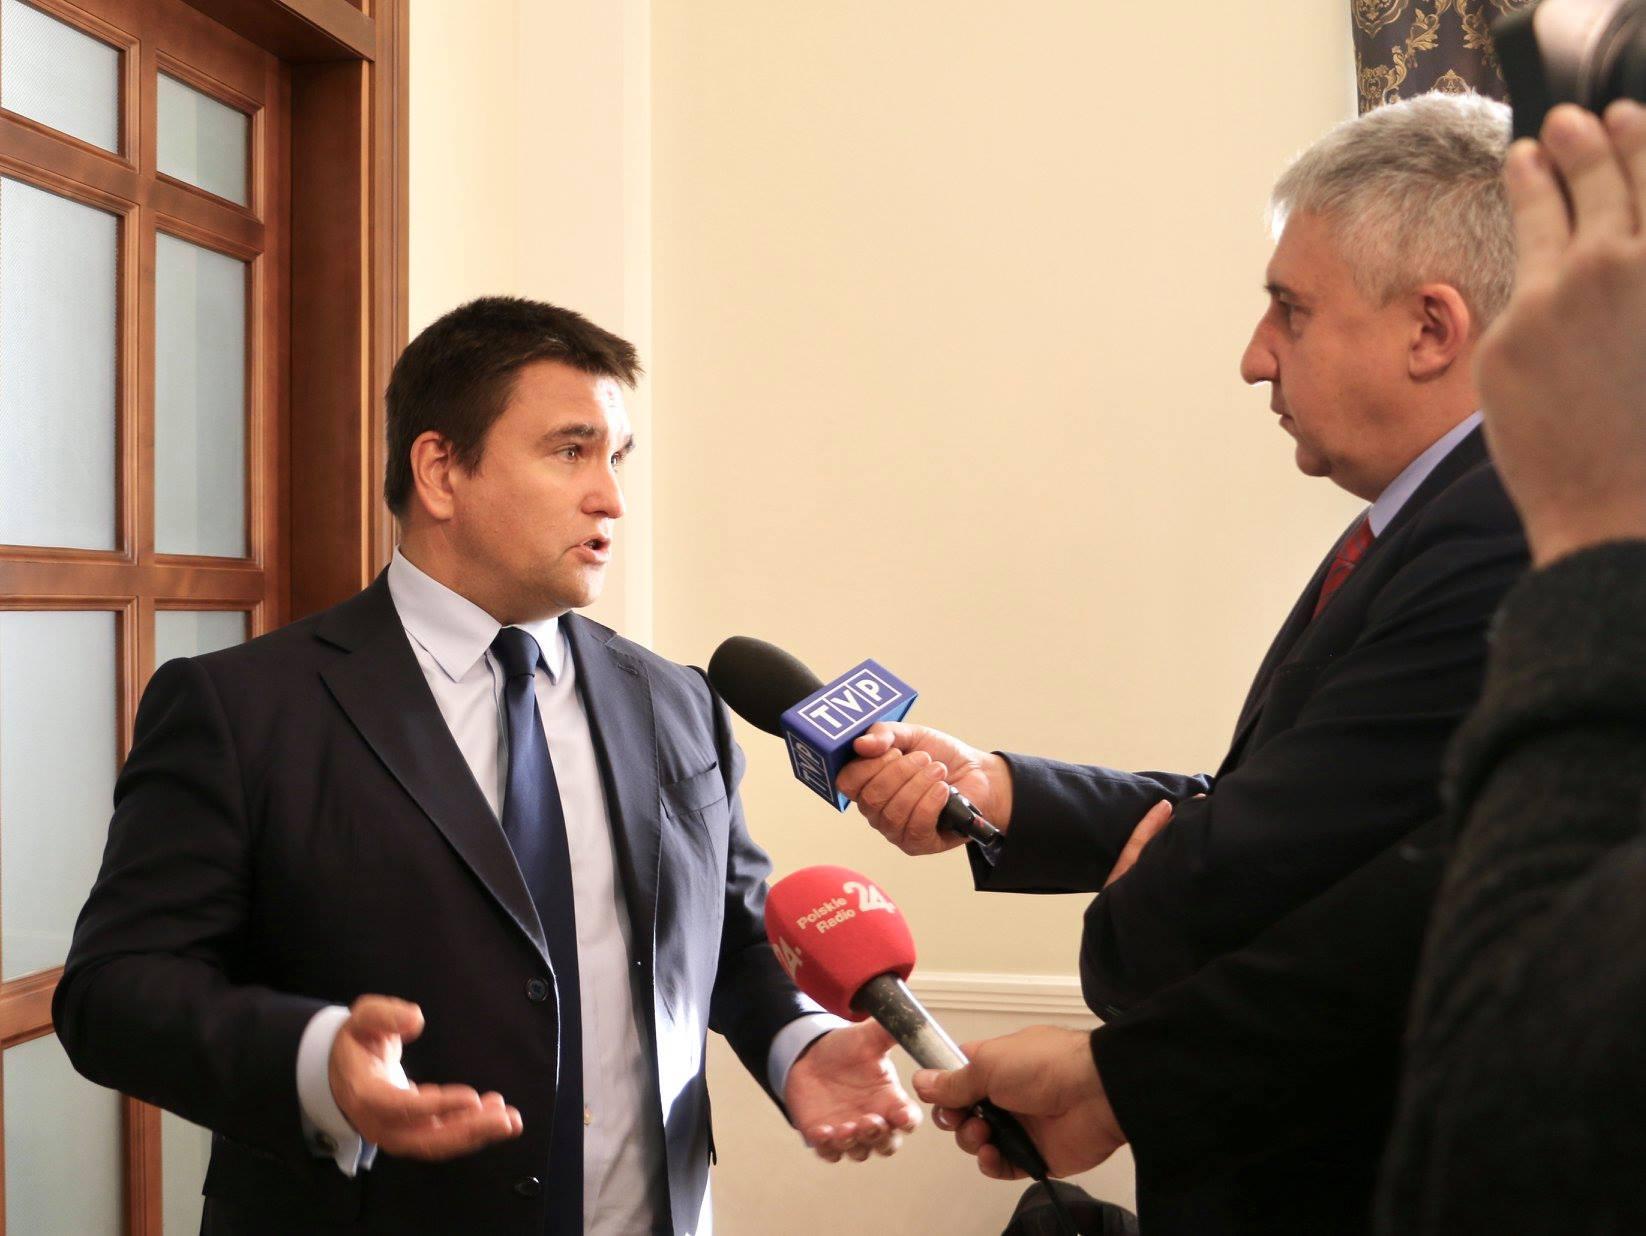 Найгостріші питання дісталися міністру Клімкіну